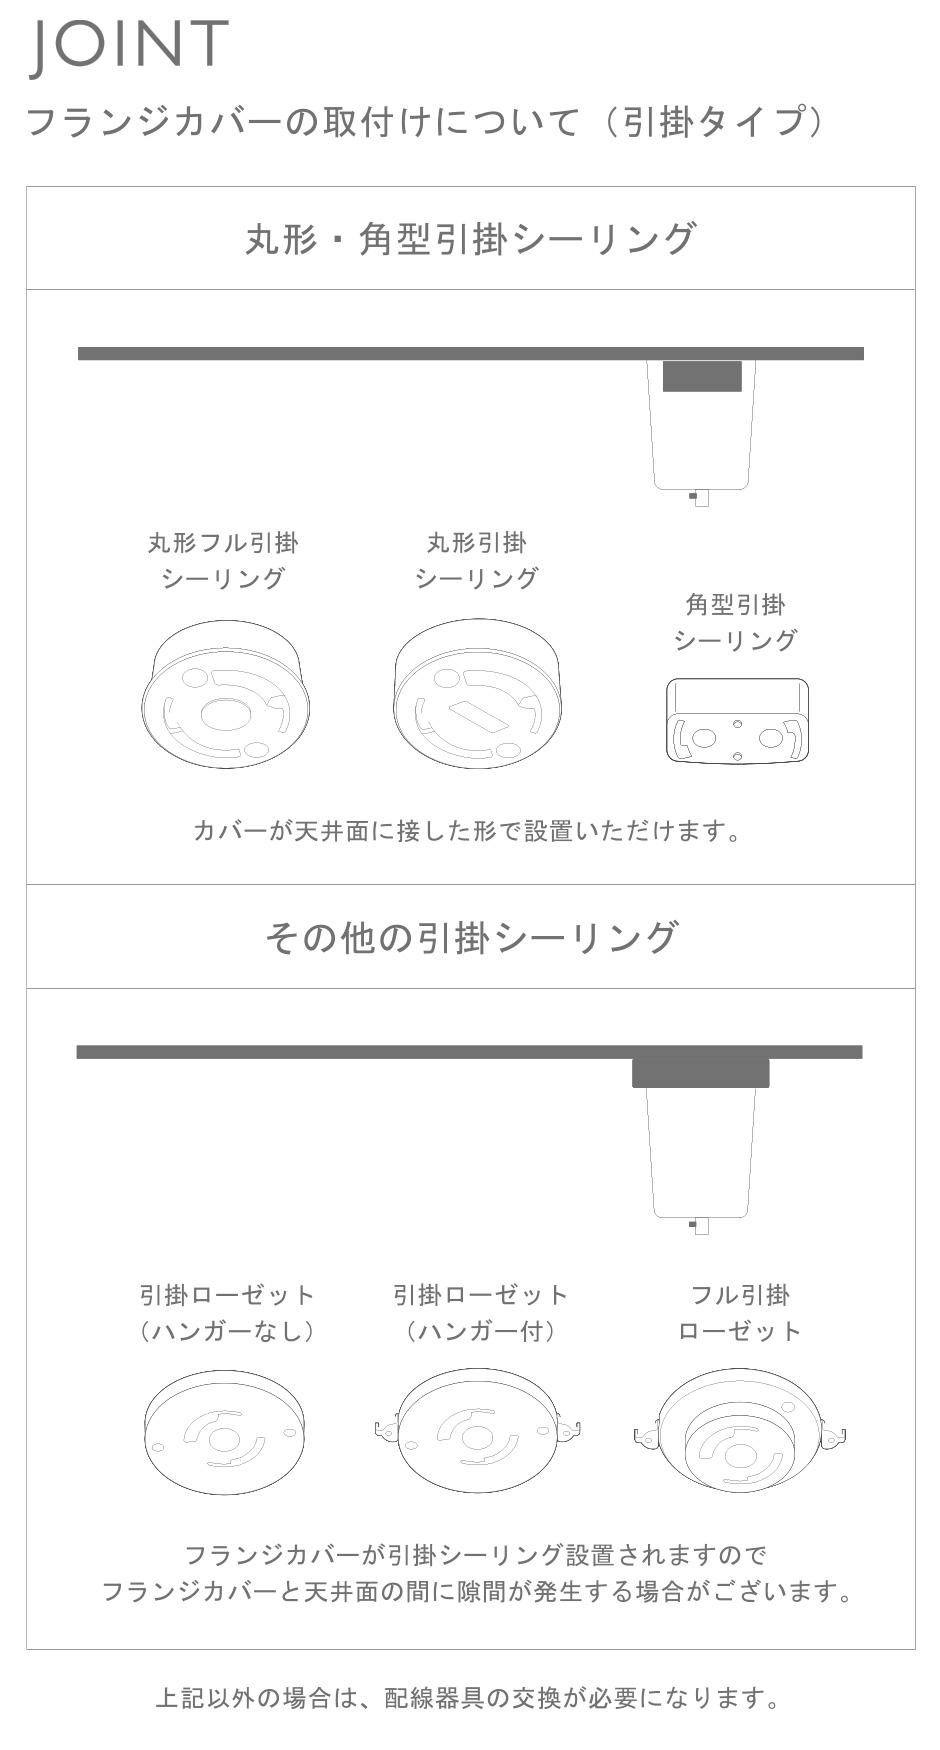 図1:Joint フランジカバーの取付けについて